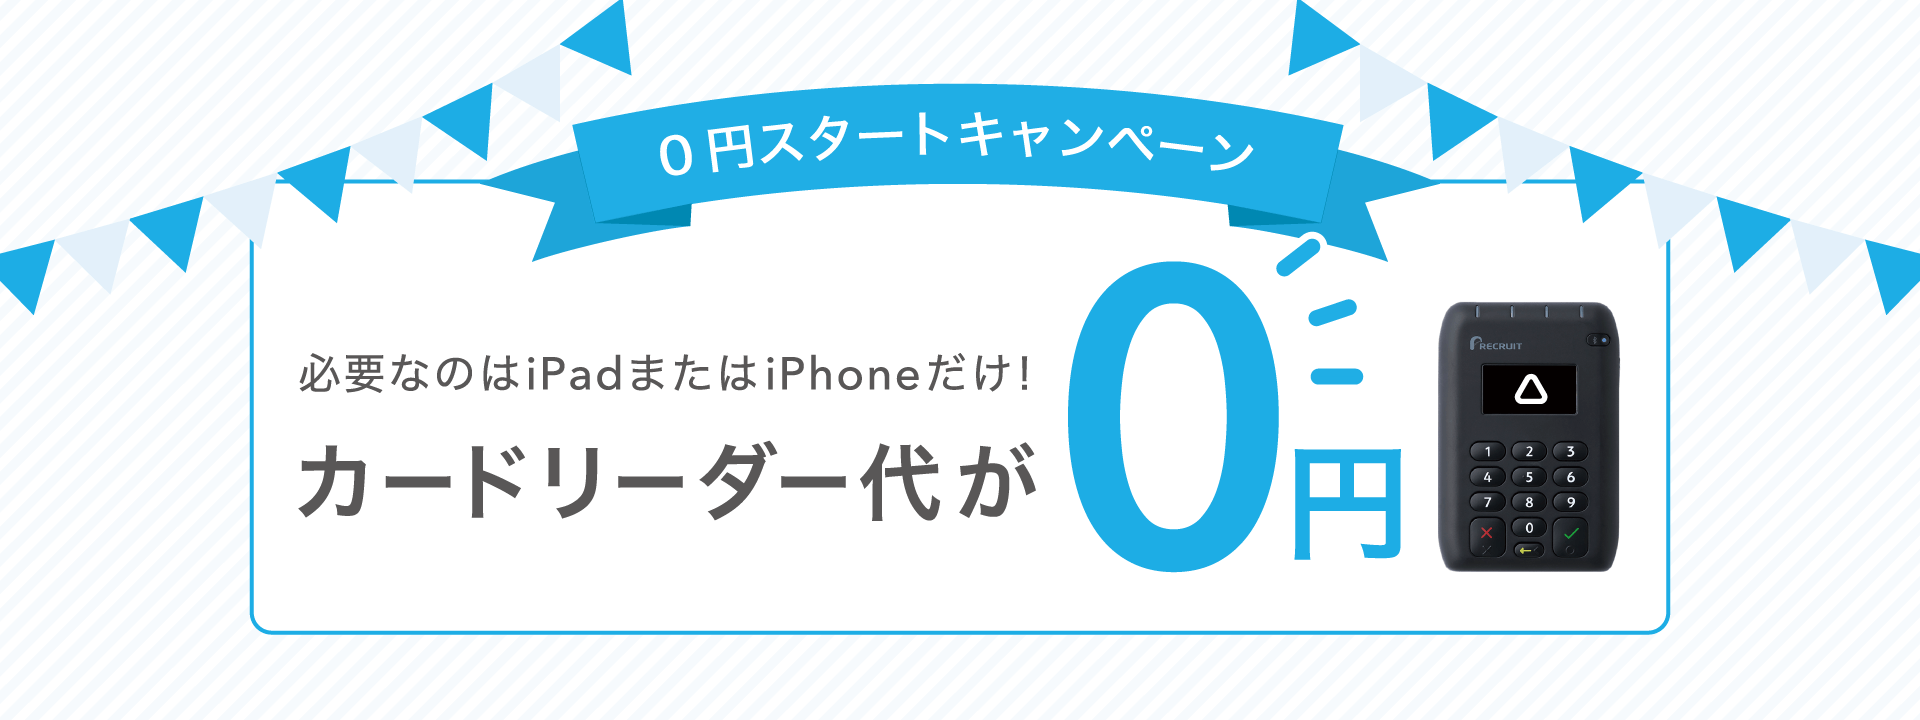 0円スタートキャンペーン 必要なのはiPadまたはiPhoneだけ! カードリーダー代が0円